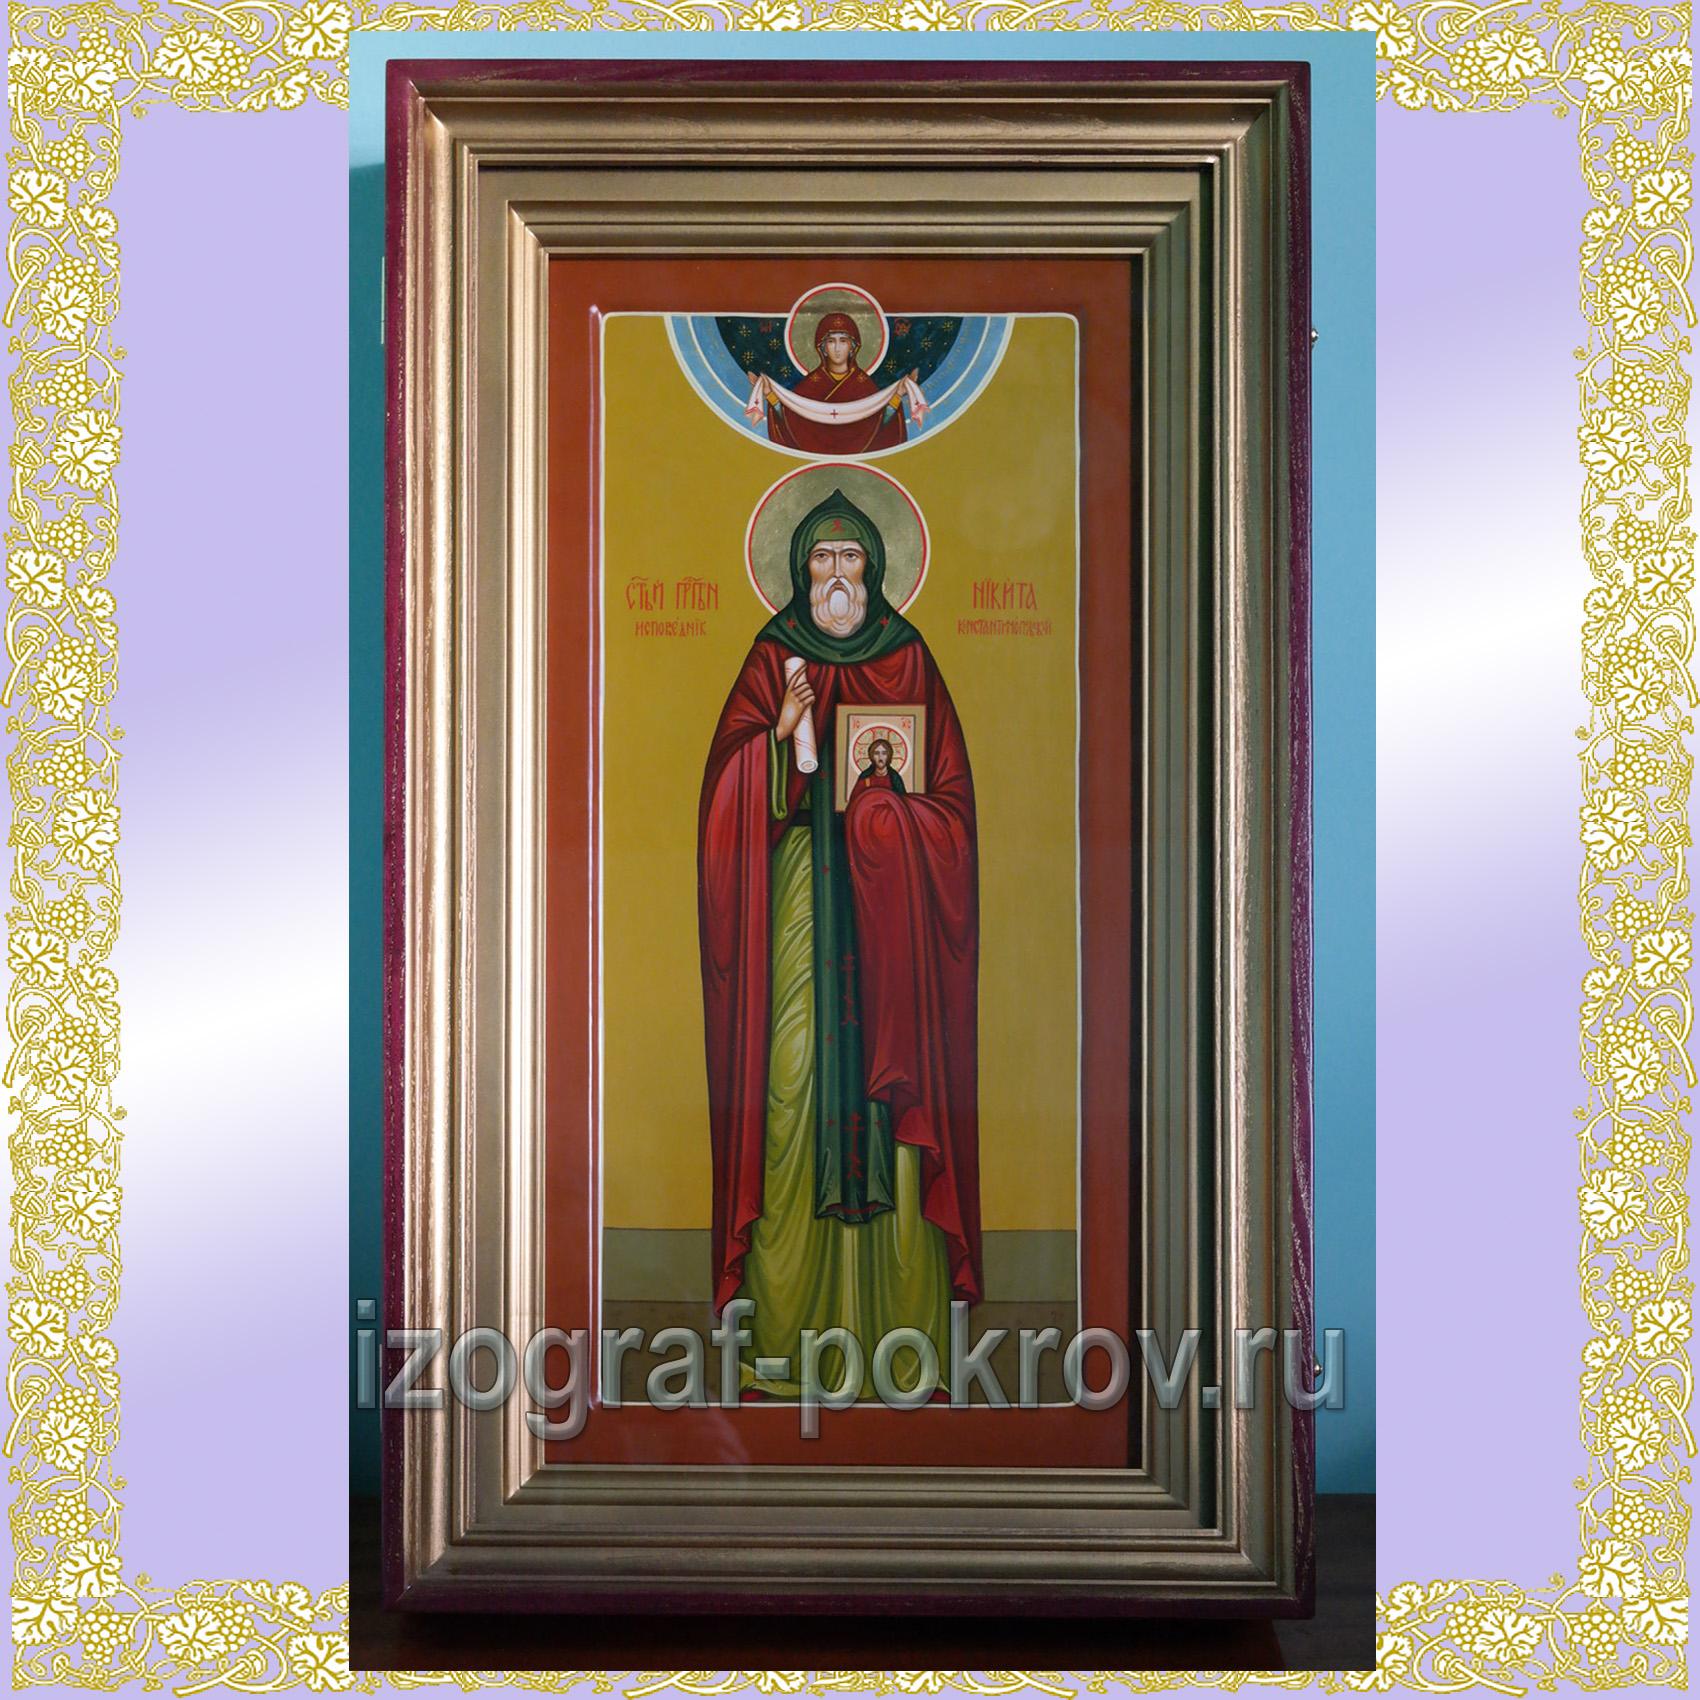 Икона Никита Константинопольский исповедник